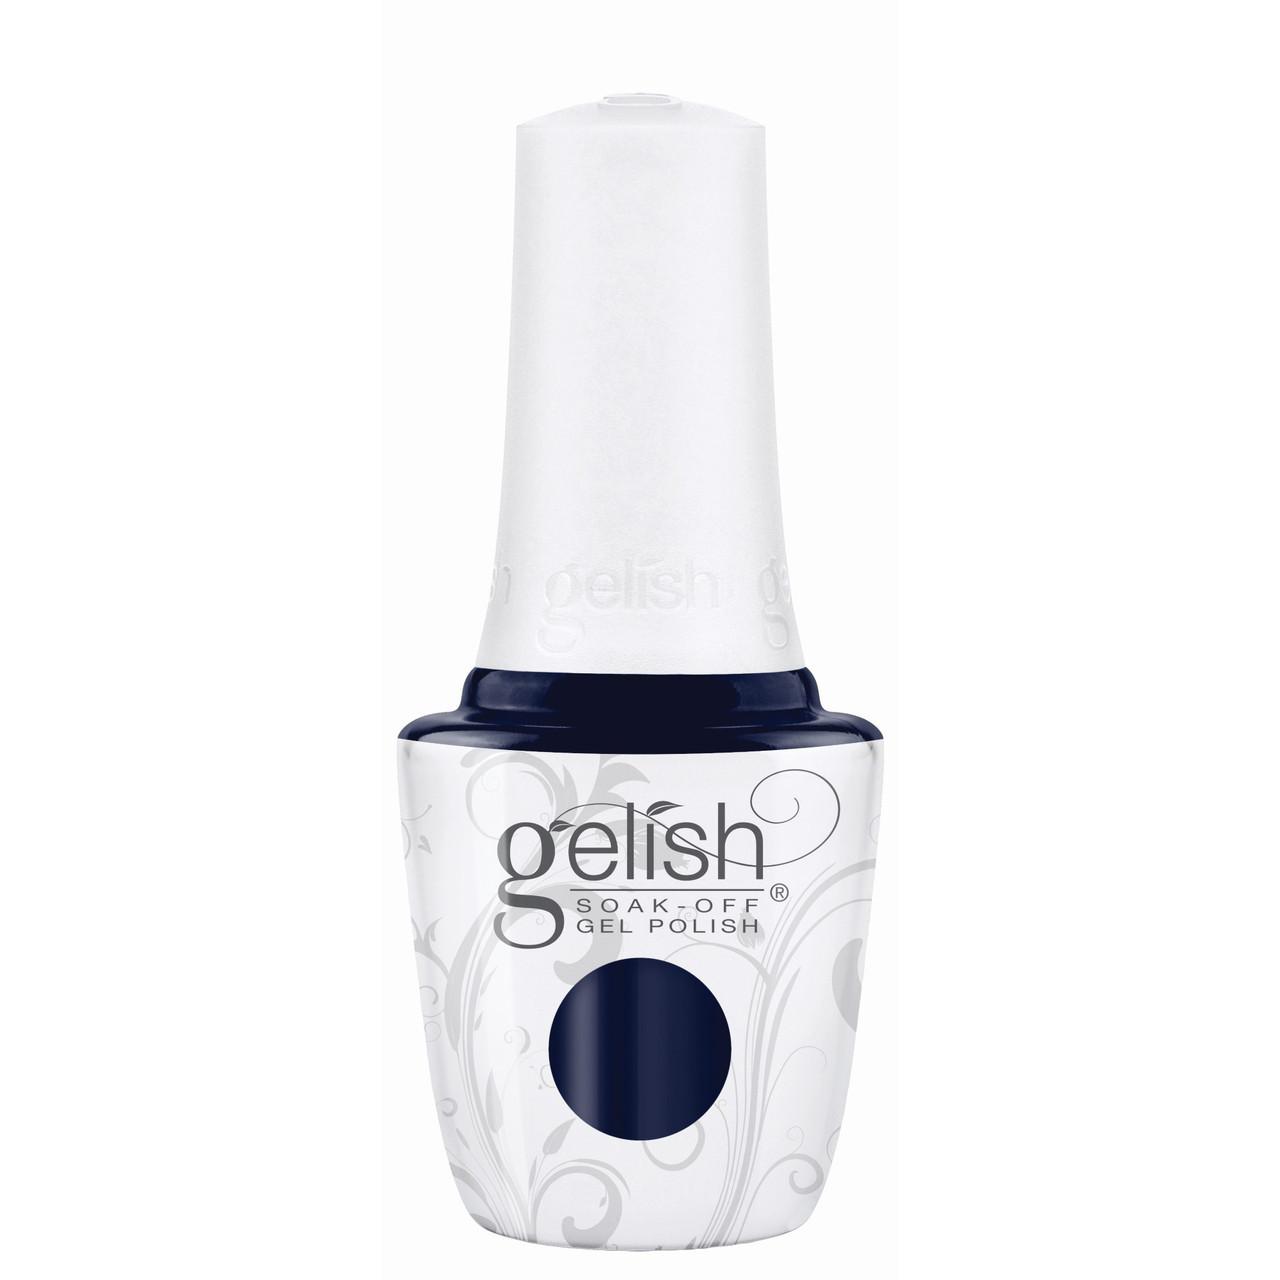 """Gelish Soak-Off Gel Polish """"Laying Low"""" - Rich Navy Blue Crème - 15 mL   .5 fl. Oz."""